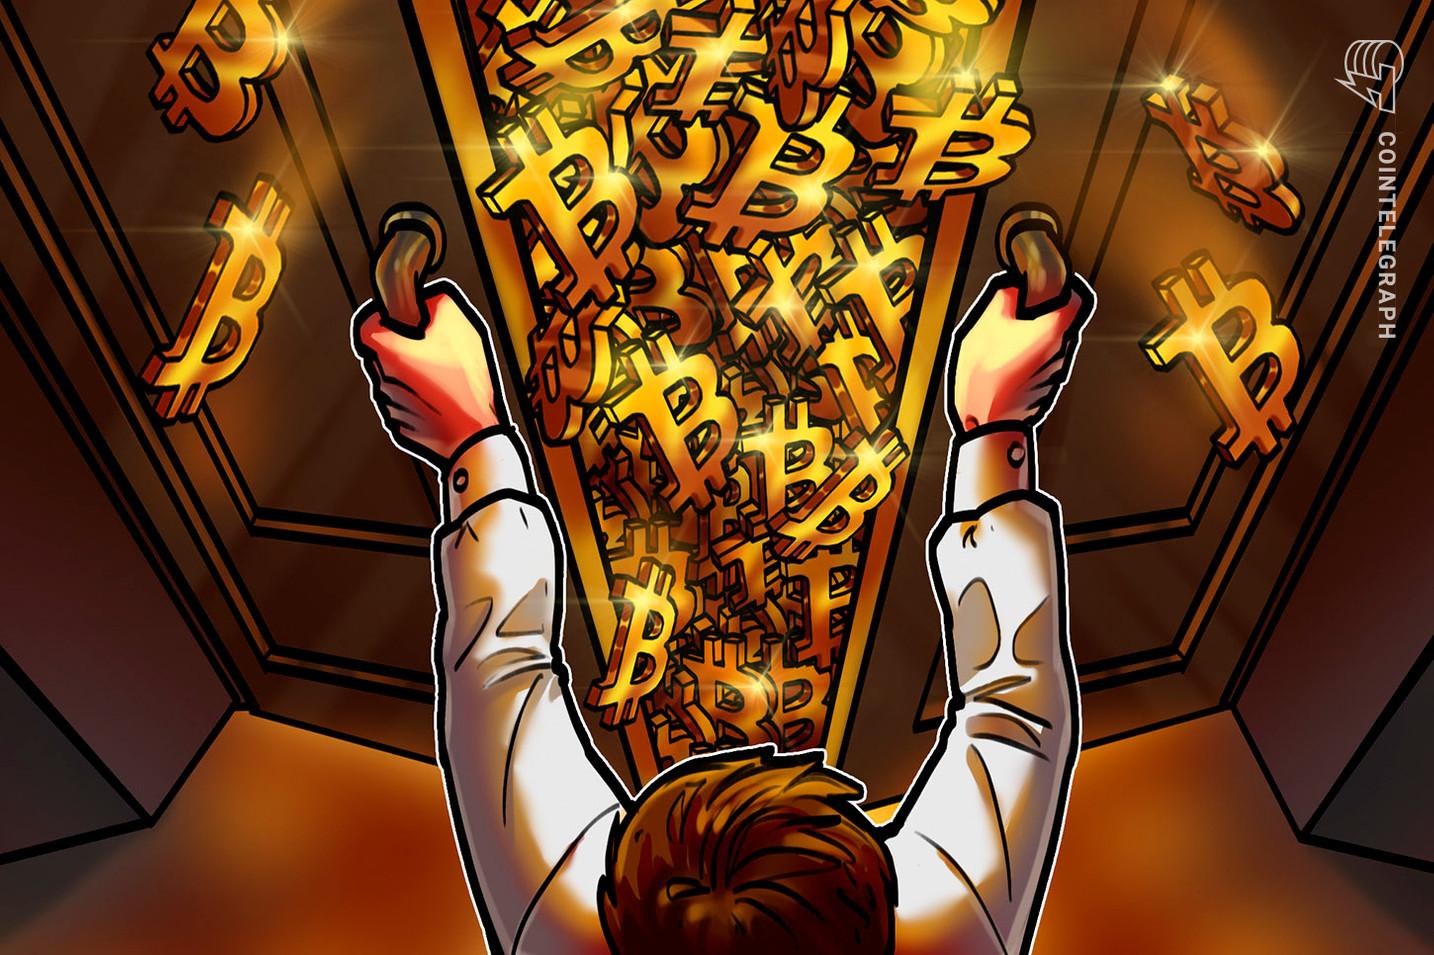 El indicador de 'vender el repunte' de Bitcoin vuelve a parpadear cuando su precio se quiebra por debajo de los USD 45,000